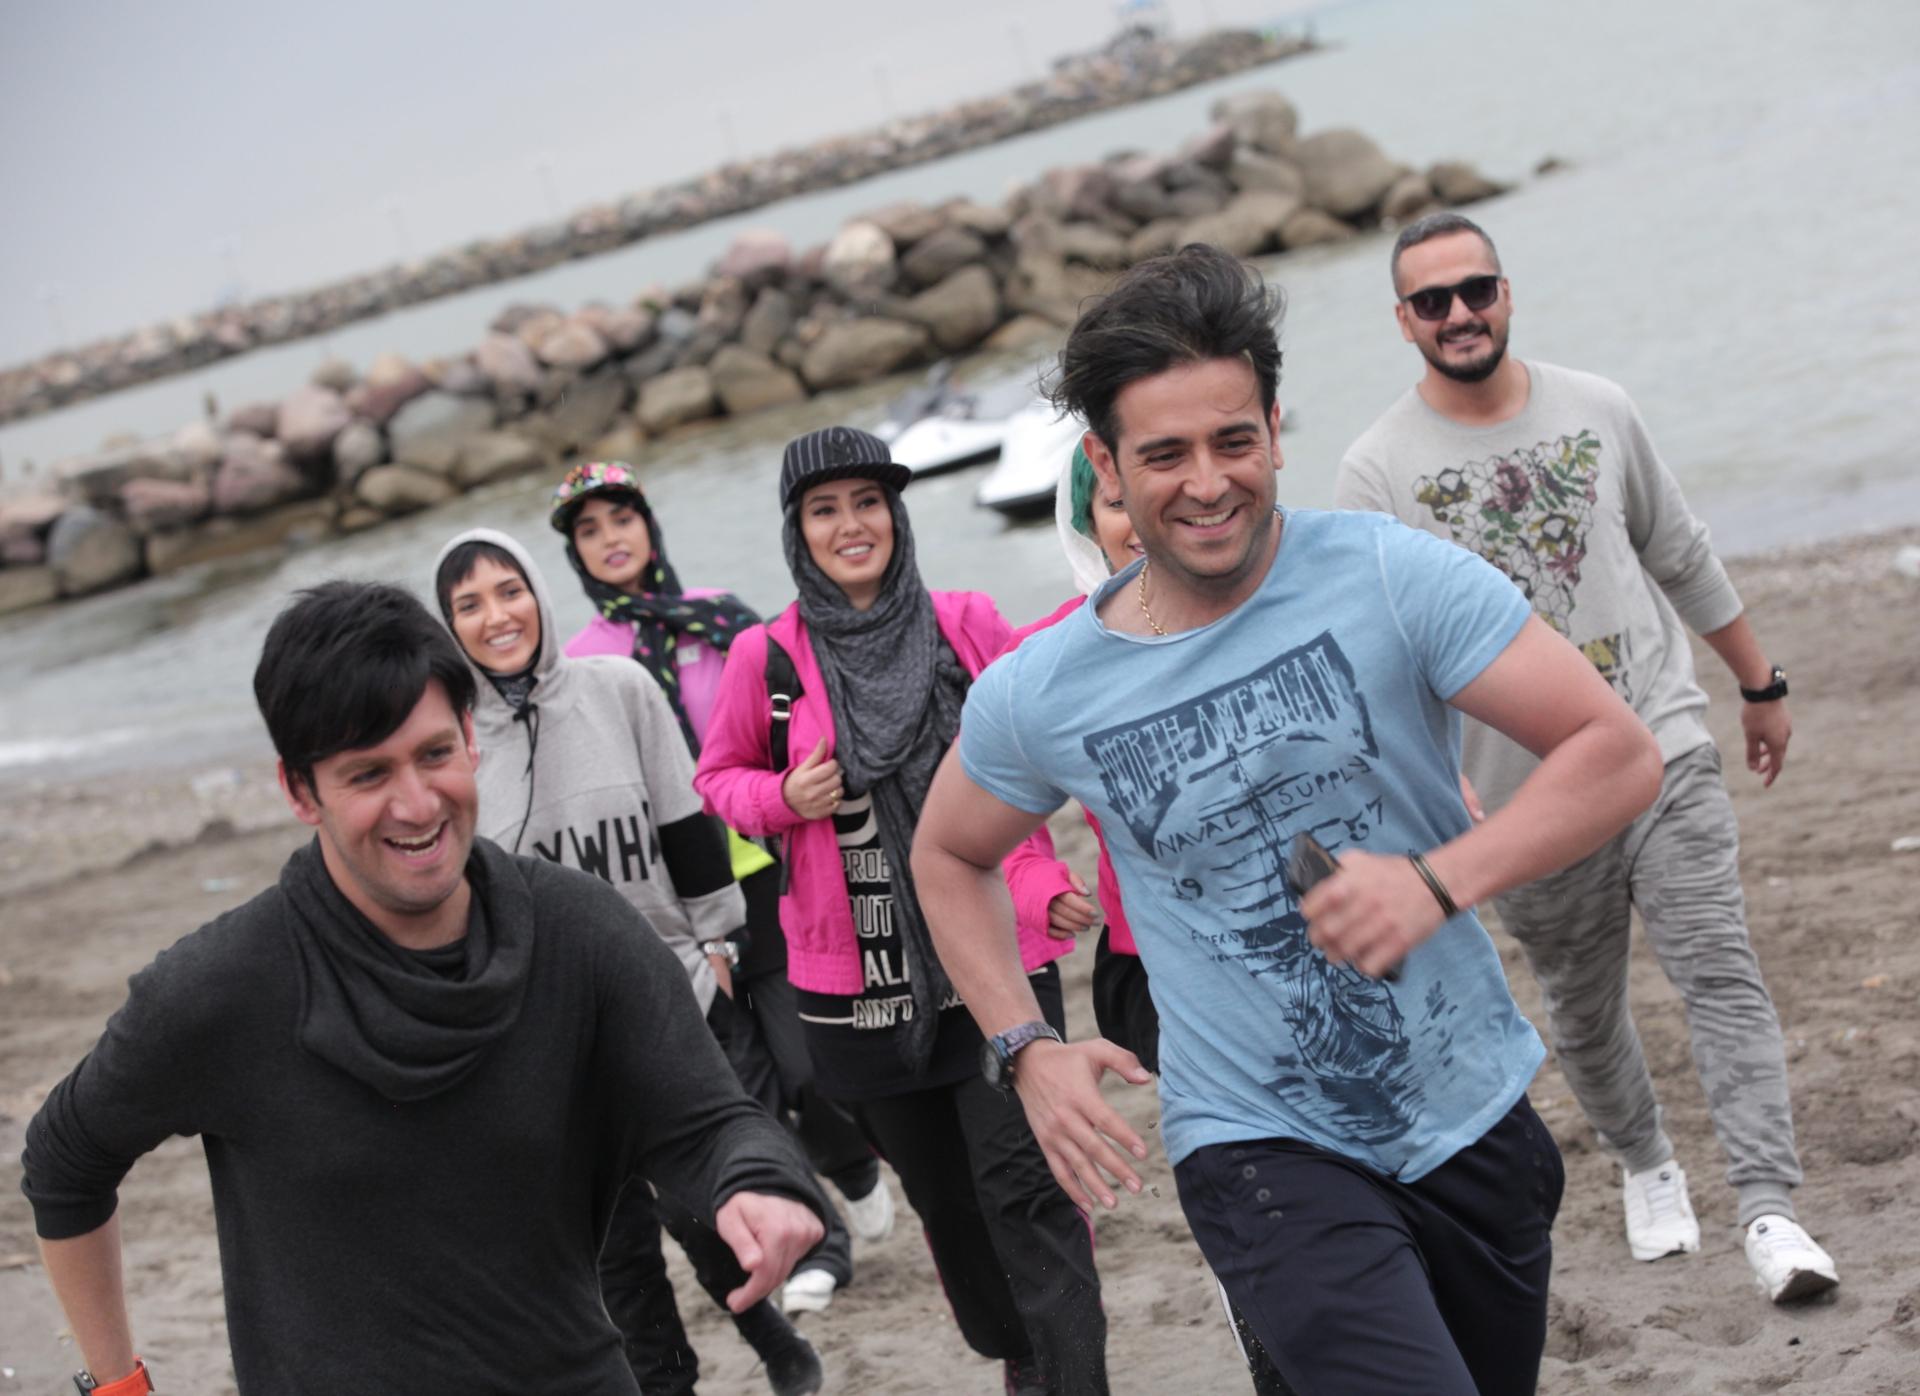 نیما شعباننژاد در صحنه سریال تلویزیونی ممنوعه به همراه میلاد کیمرام، امیرحسین آرمان و آناهیتا درگاهی